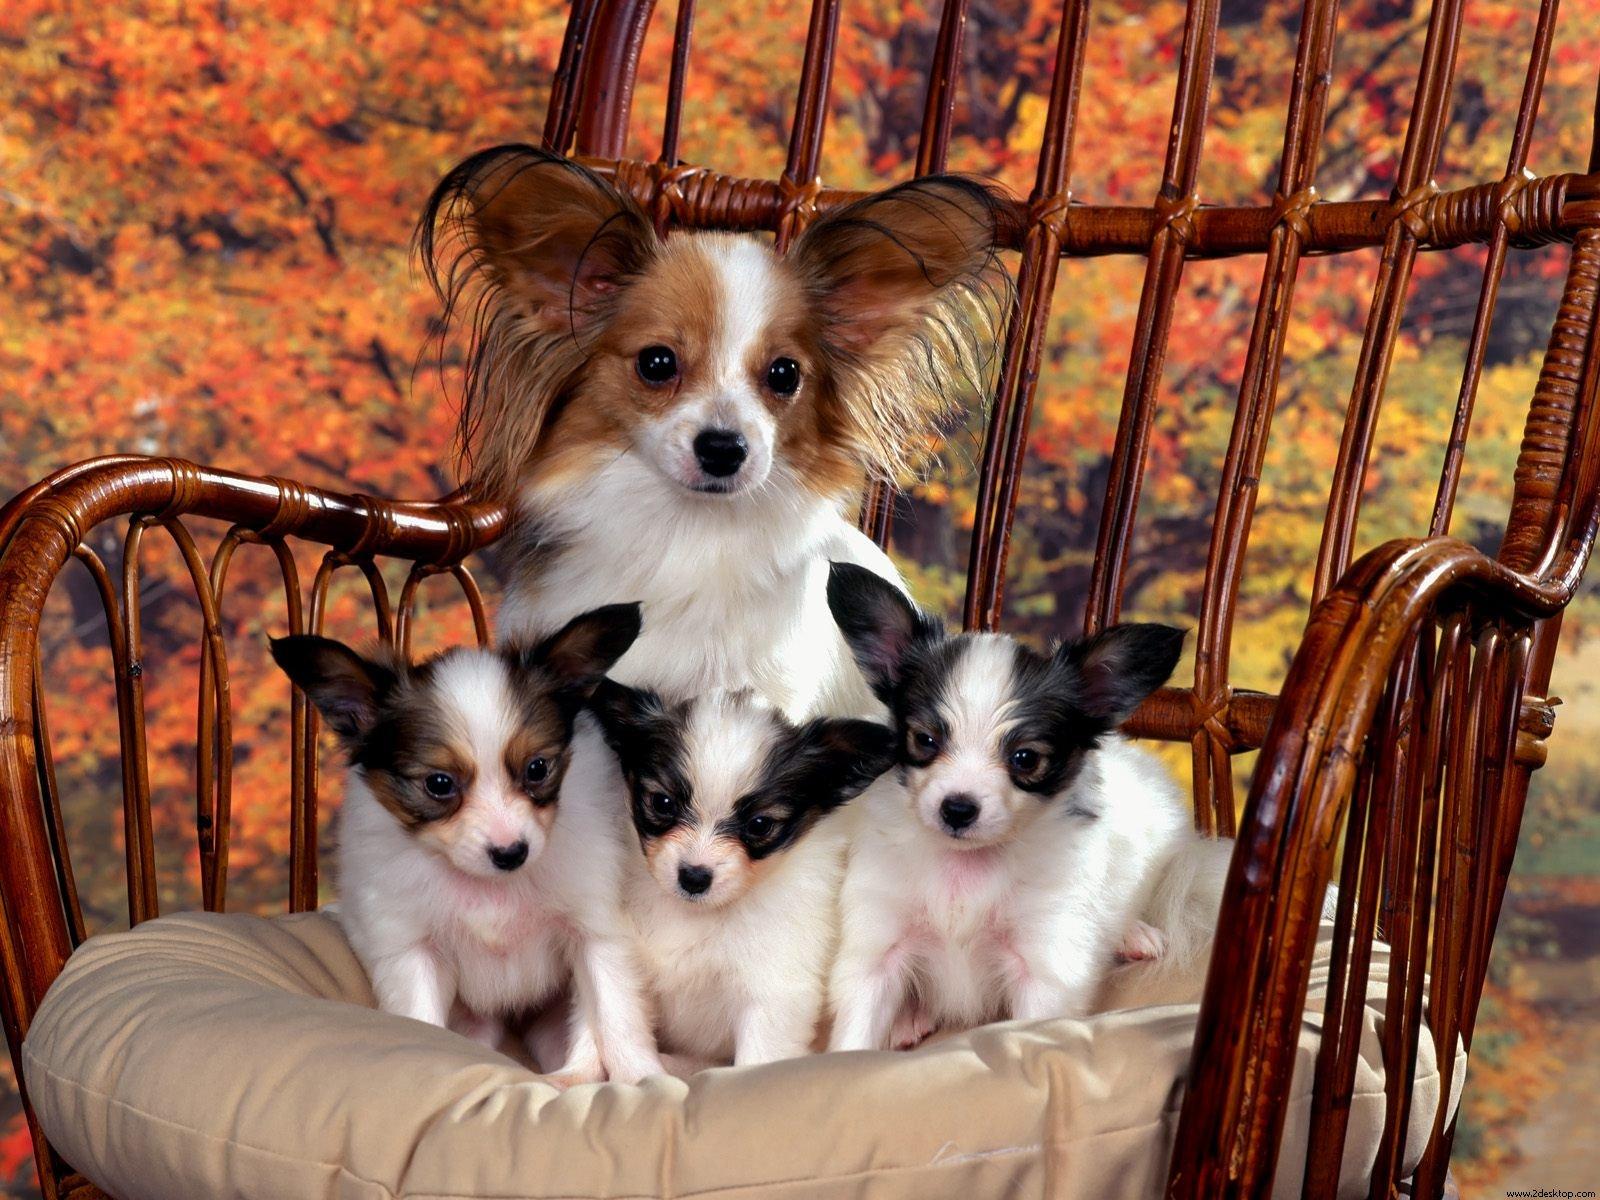 Leuke honden achtergrond met een vader of moeder hond met kleine puppy's op een stoel